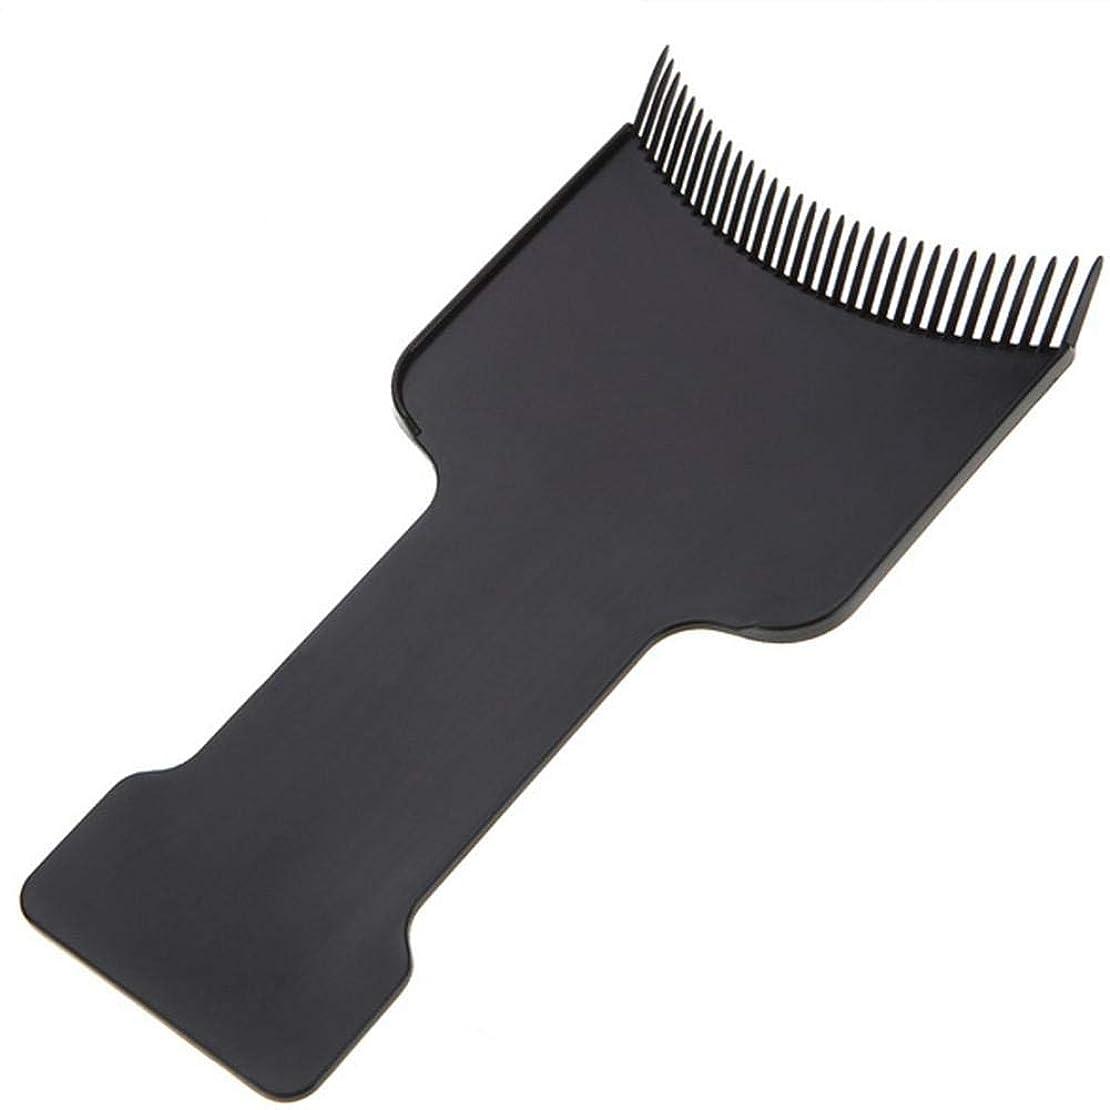 バースト現在グリップSILUN 理髪ヘアカラーボード 理髪サロン髪 着色染色ボードヘアトリートメントケアピックカラーボードコーム理髪ツール プロフェッショナルブラックヘアブラシボード理髪美容ツール